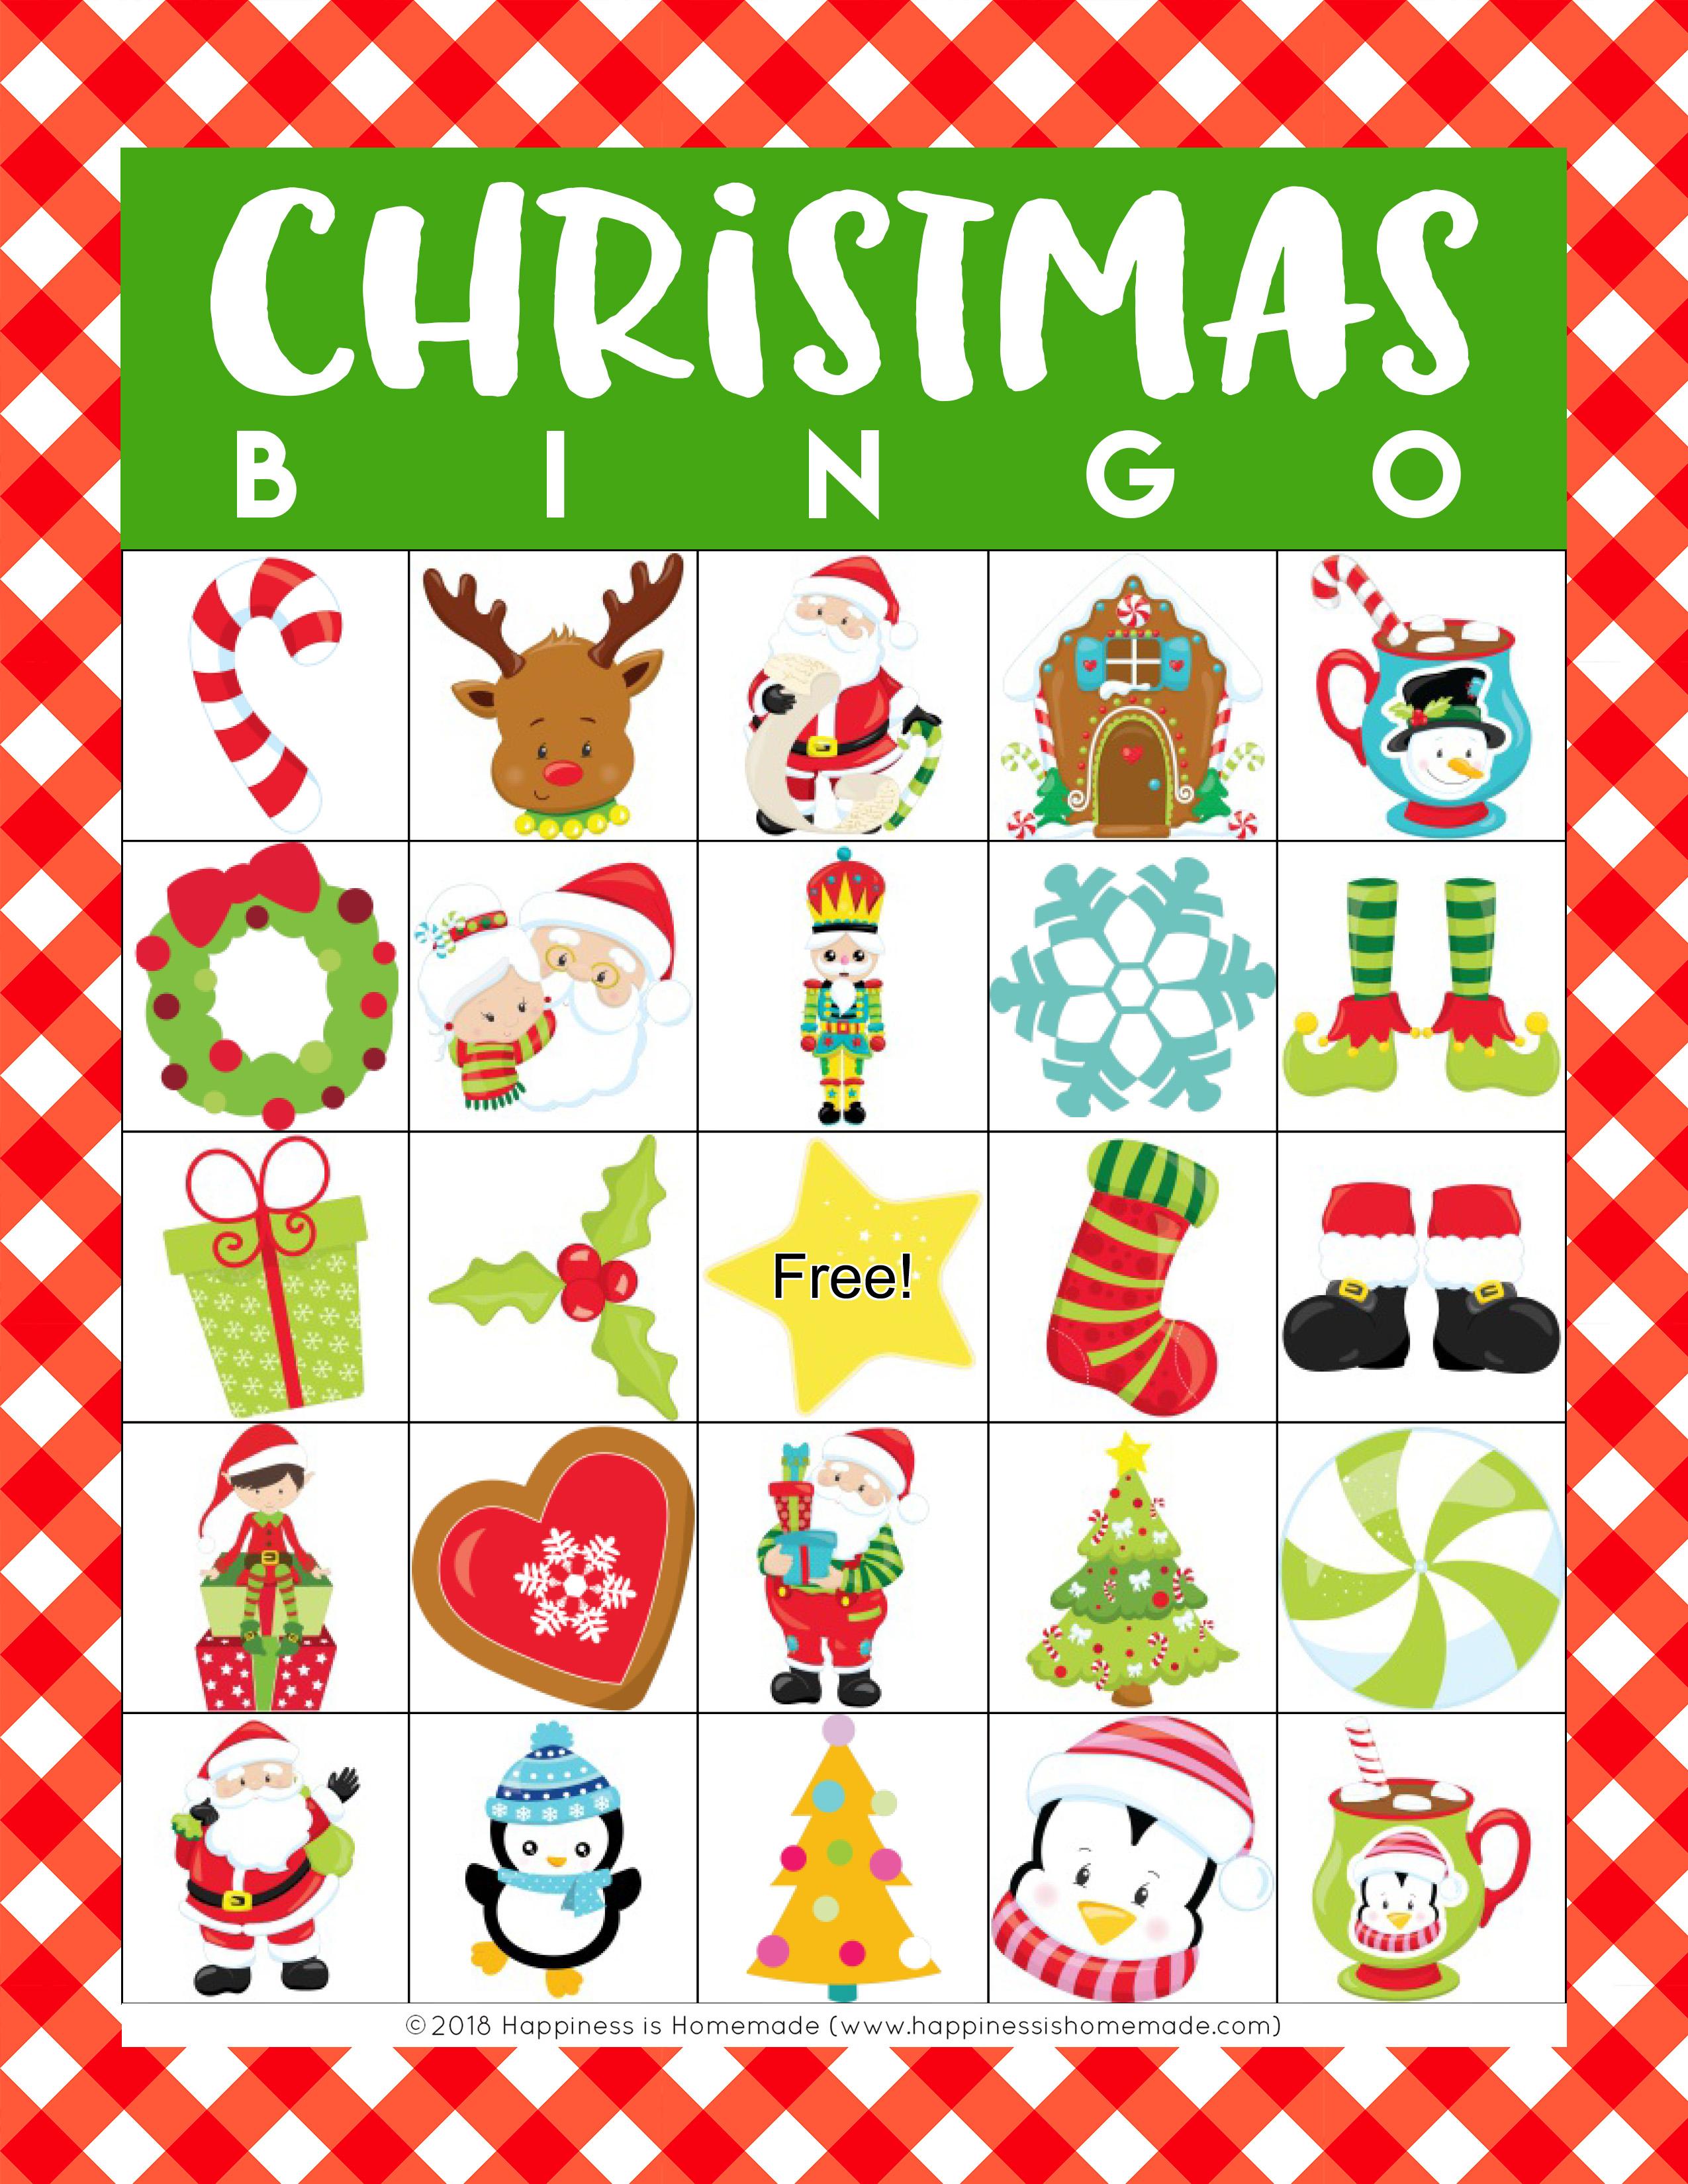 Printable Christmas Bingo Game - Happiness Is Homemade - Free Printable Christmas Bingo